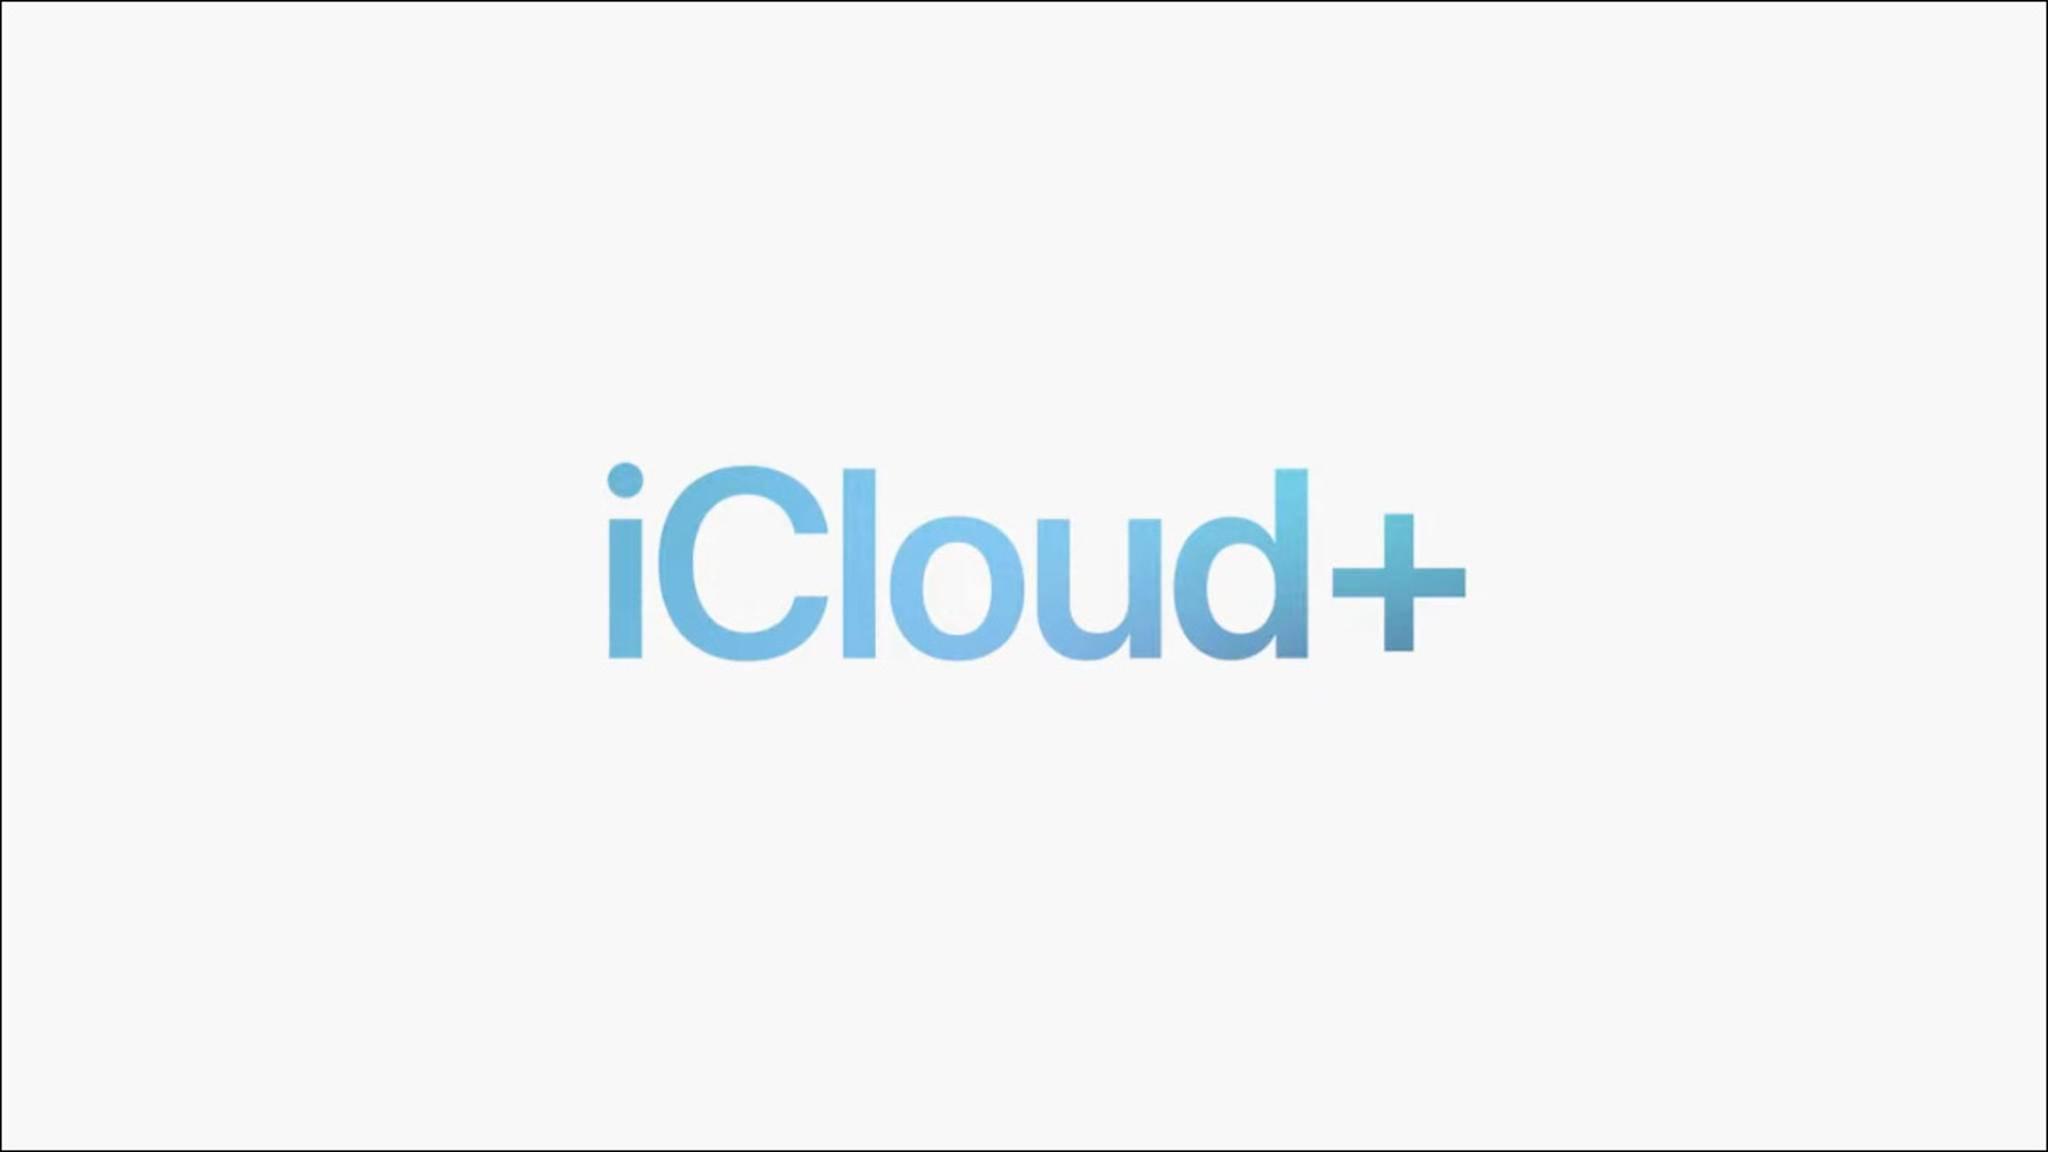 Bei uns erfährst Du, was hinter dem neuen Angebot iCloud+ steckt.